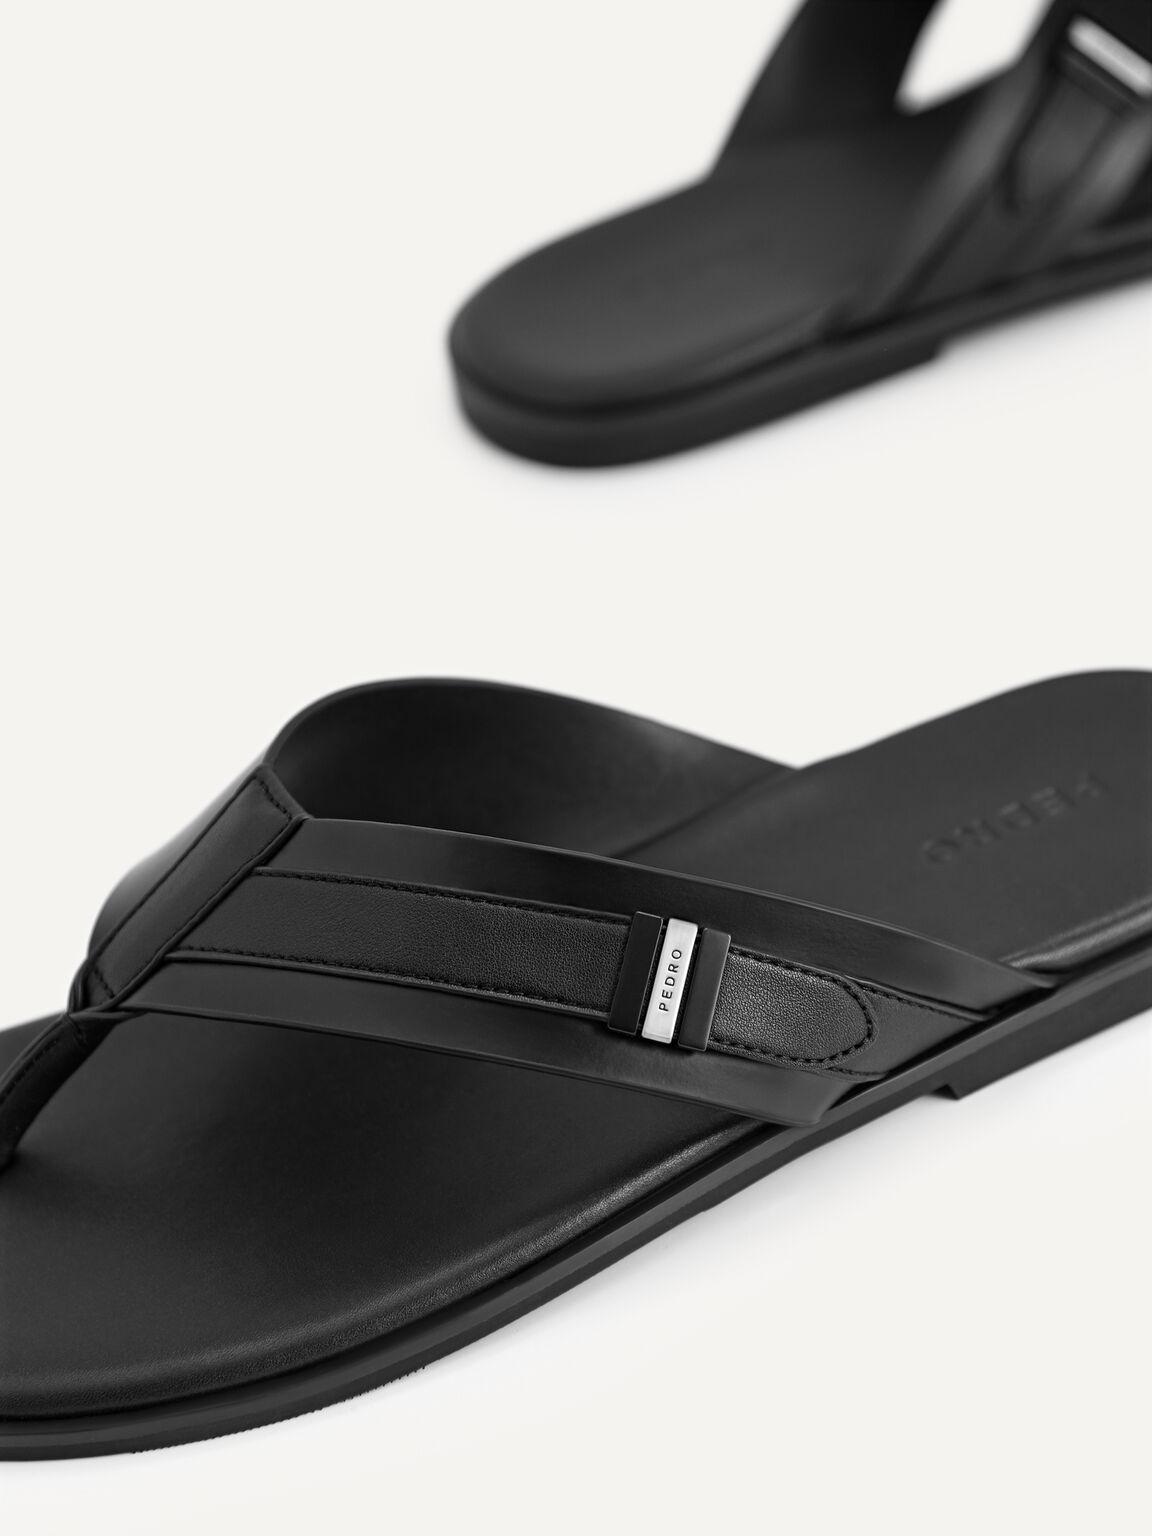 Thong Sandals, Black, hi-res